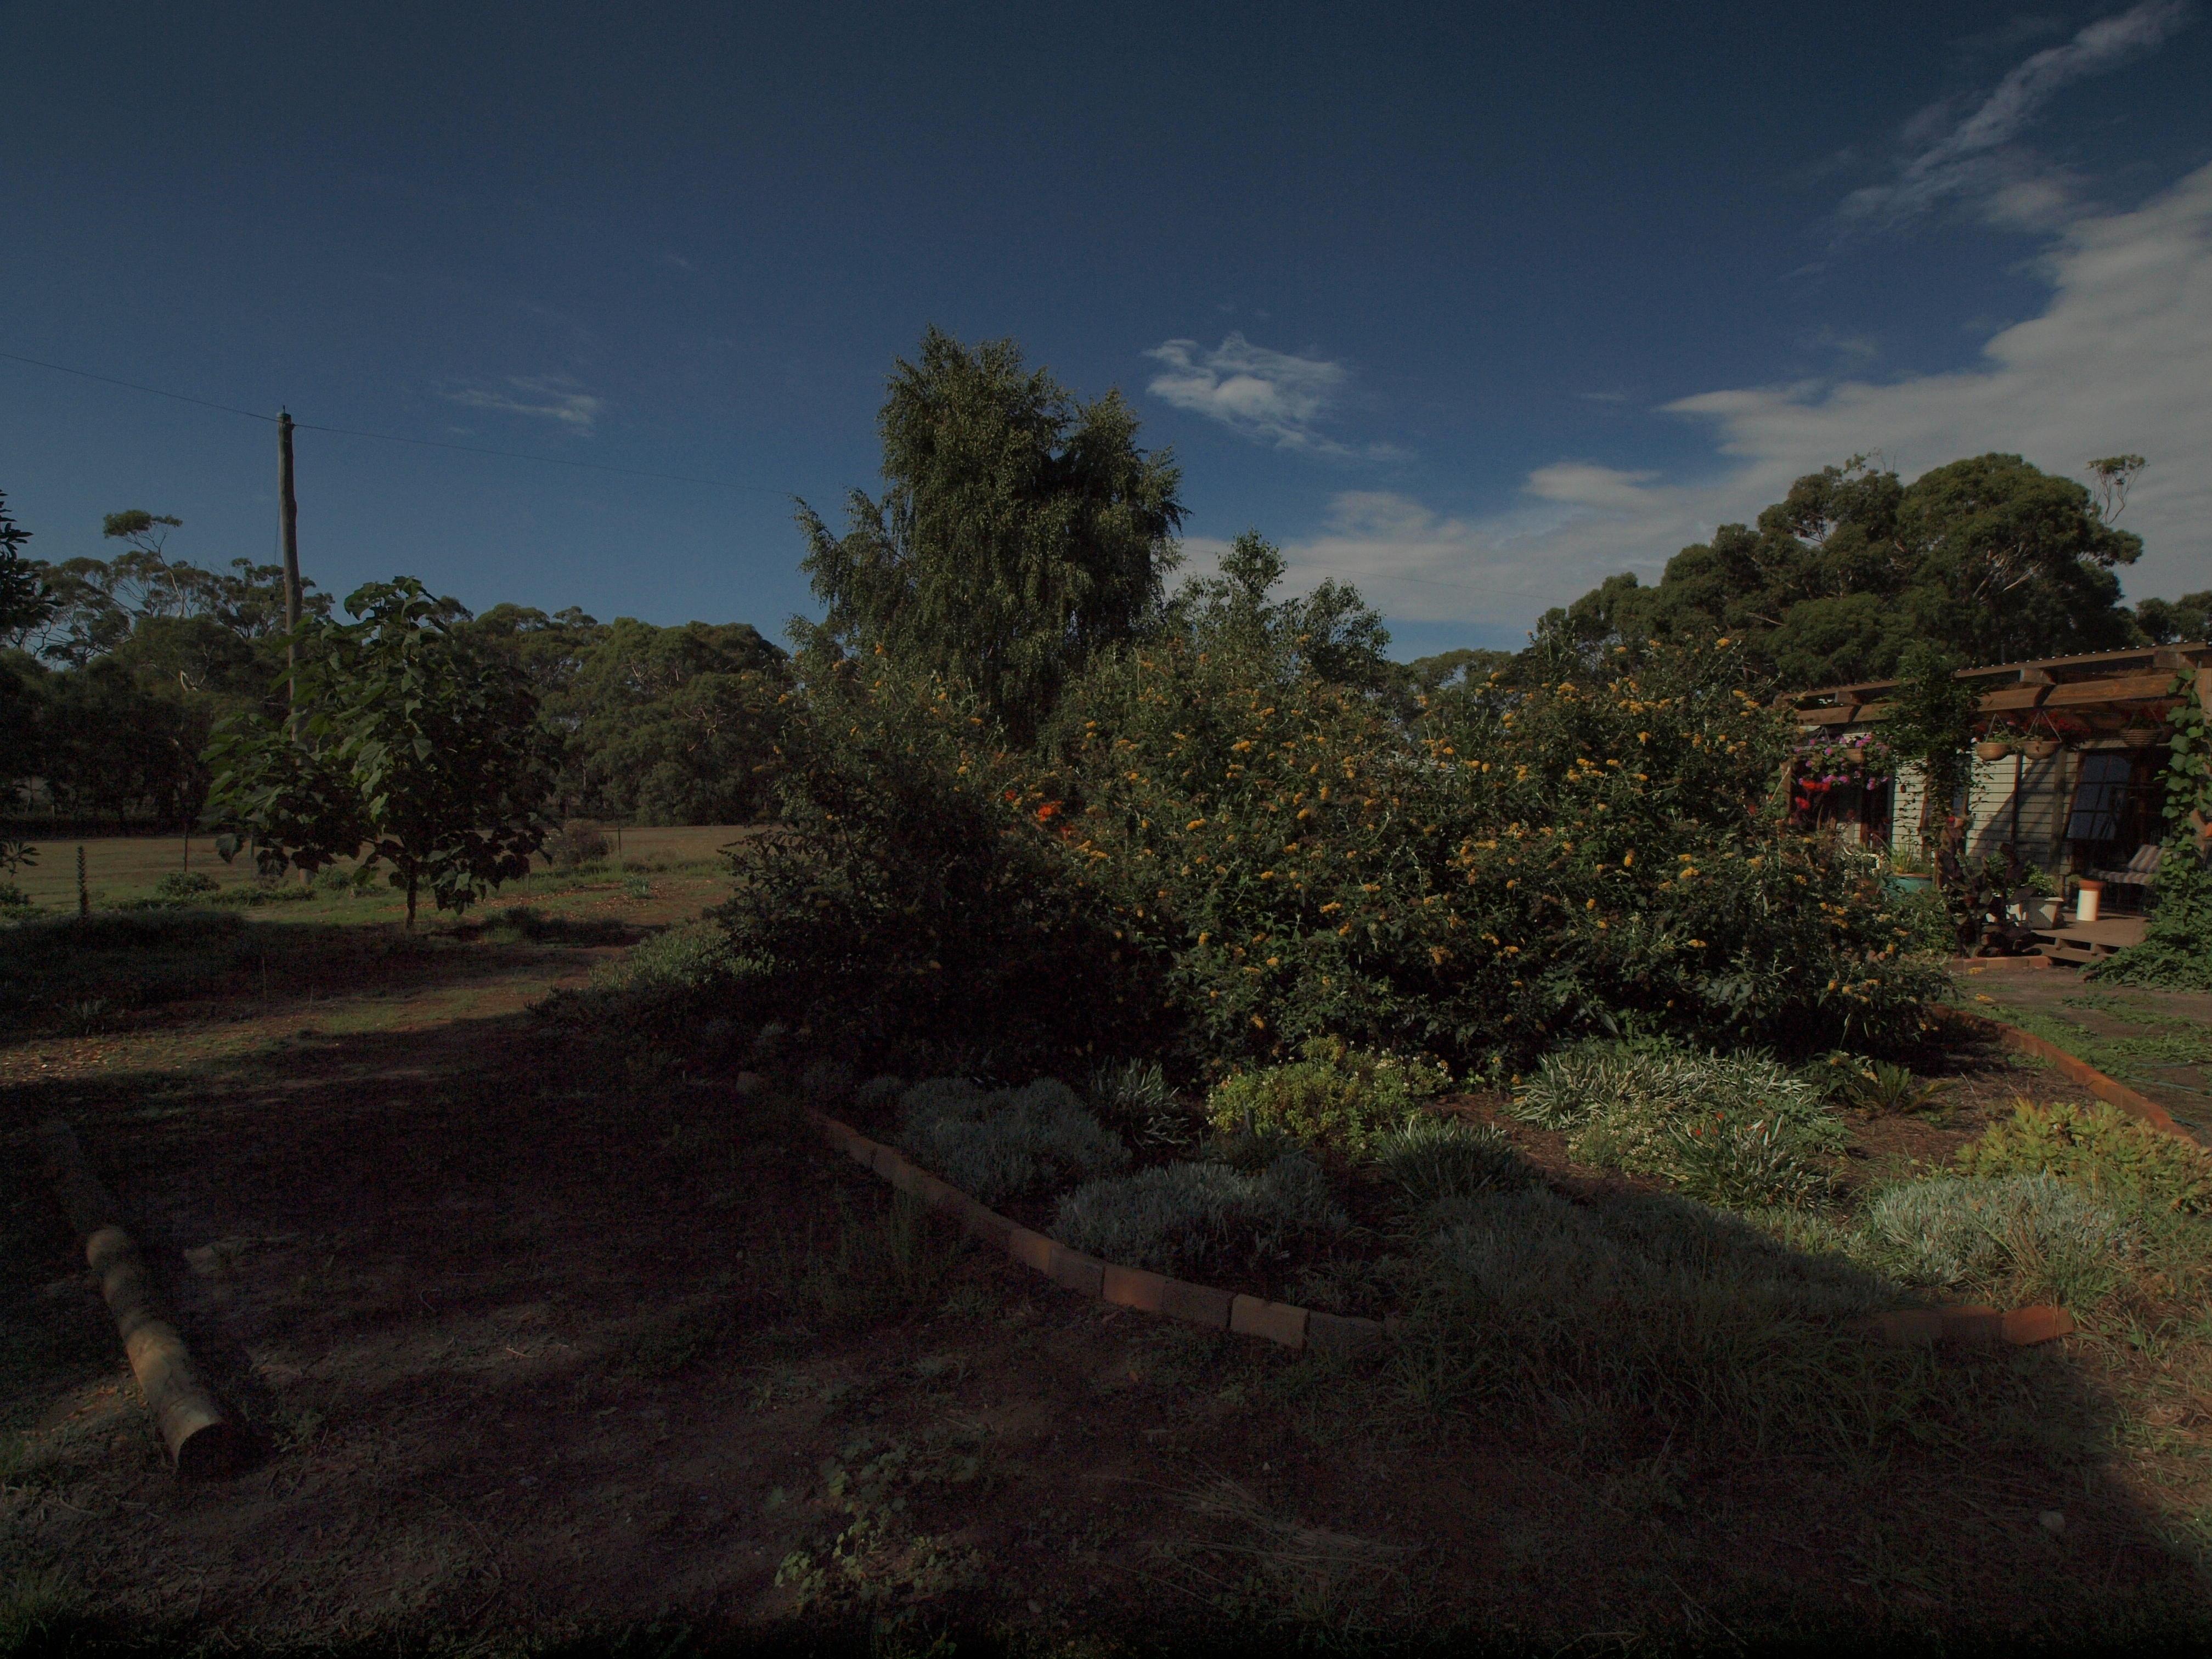 garden-ne-b-2EV.jpeg